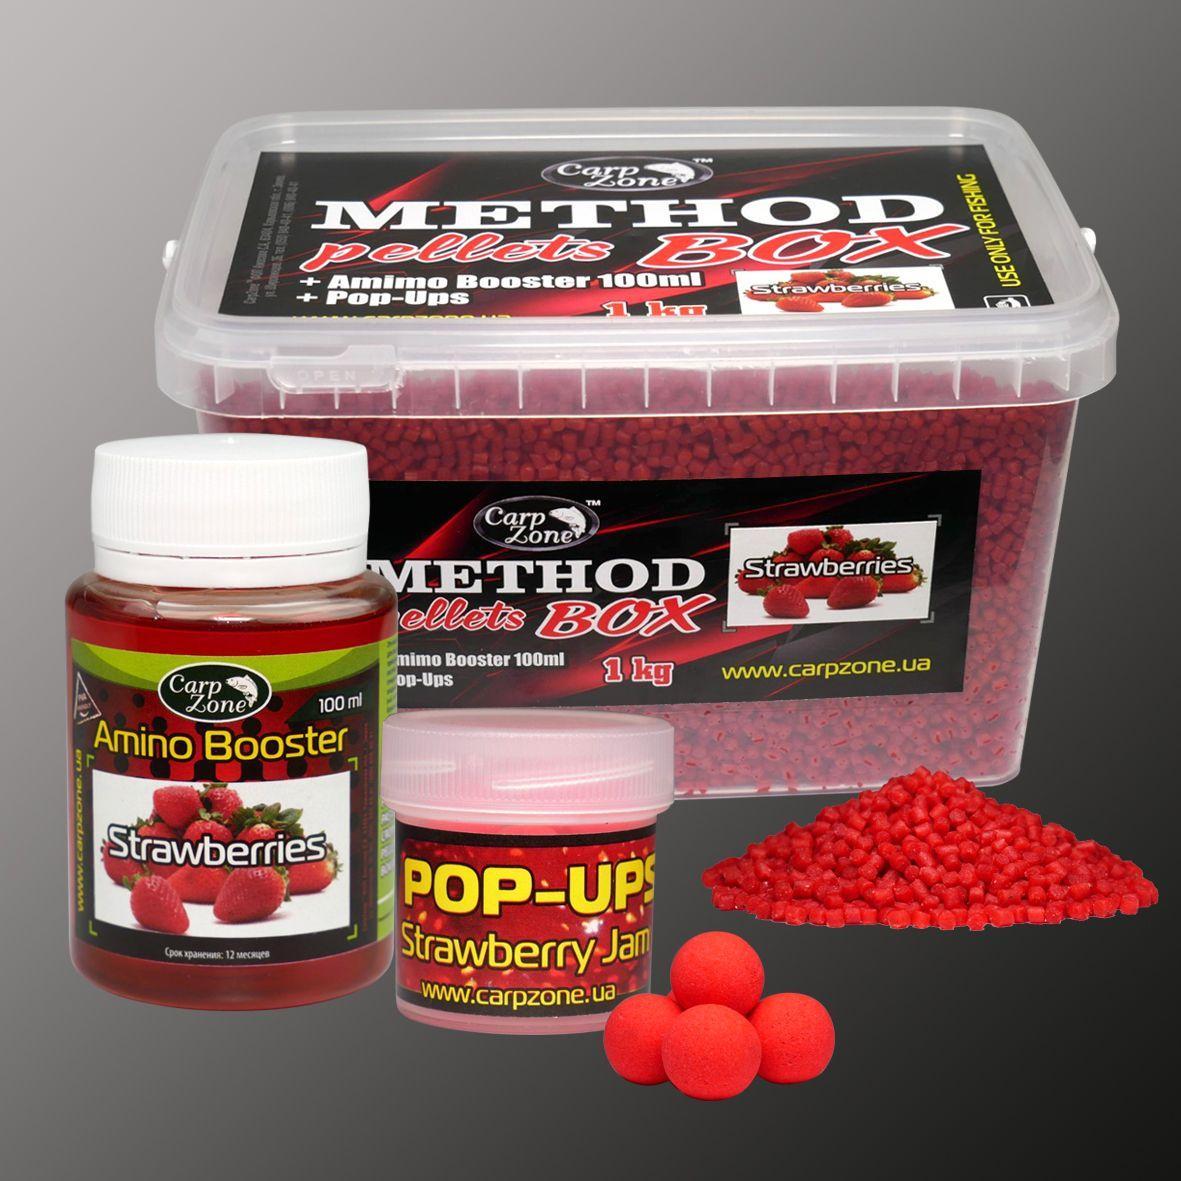 Набор Method Pellets Box Strawberries (Клубника) 3mm/1kg + Amino Booster 100ml + Pop-Ups 8mm/30pc